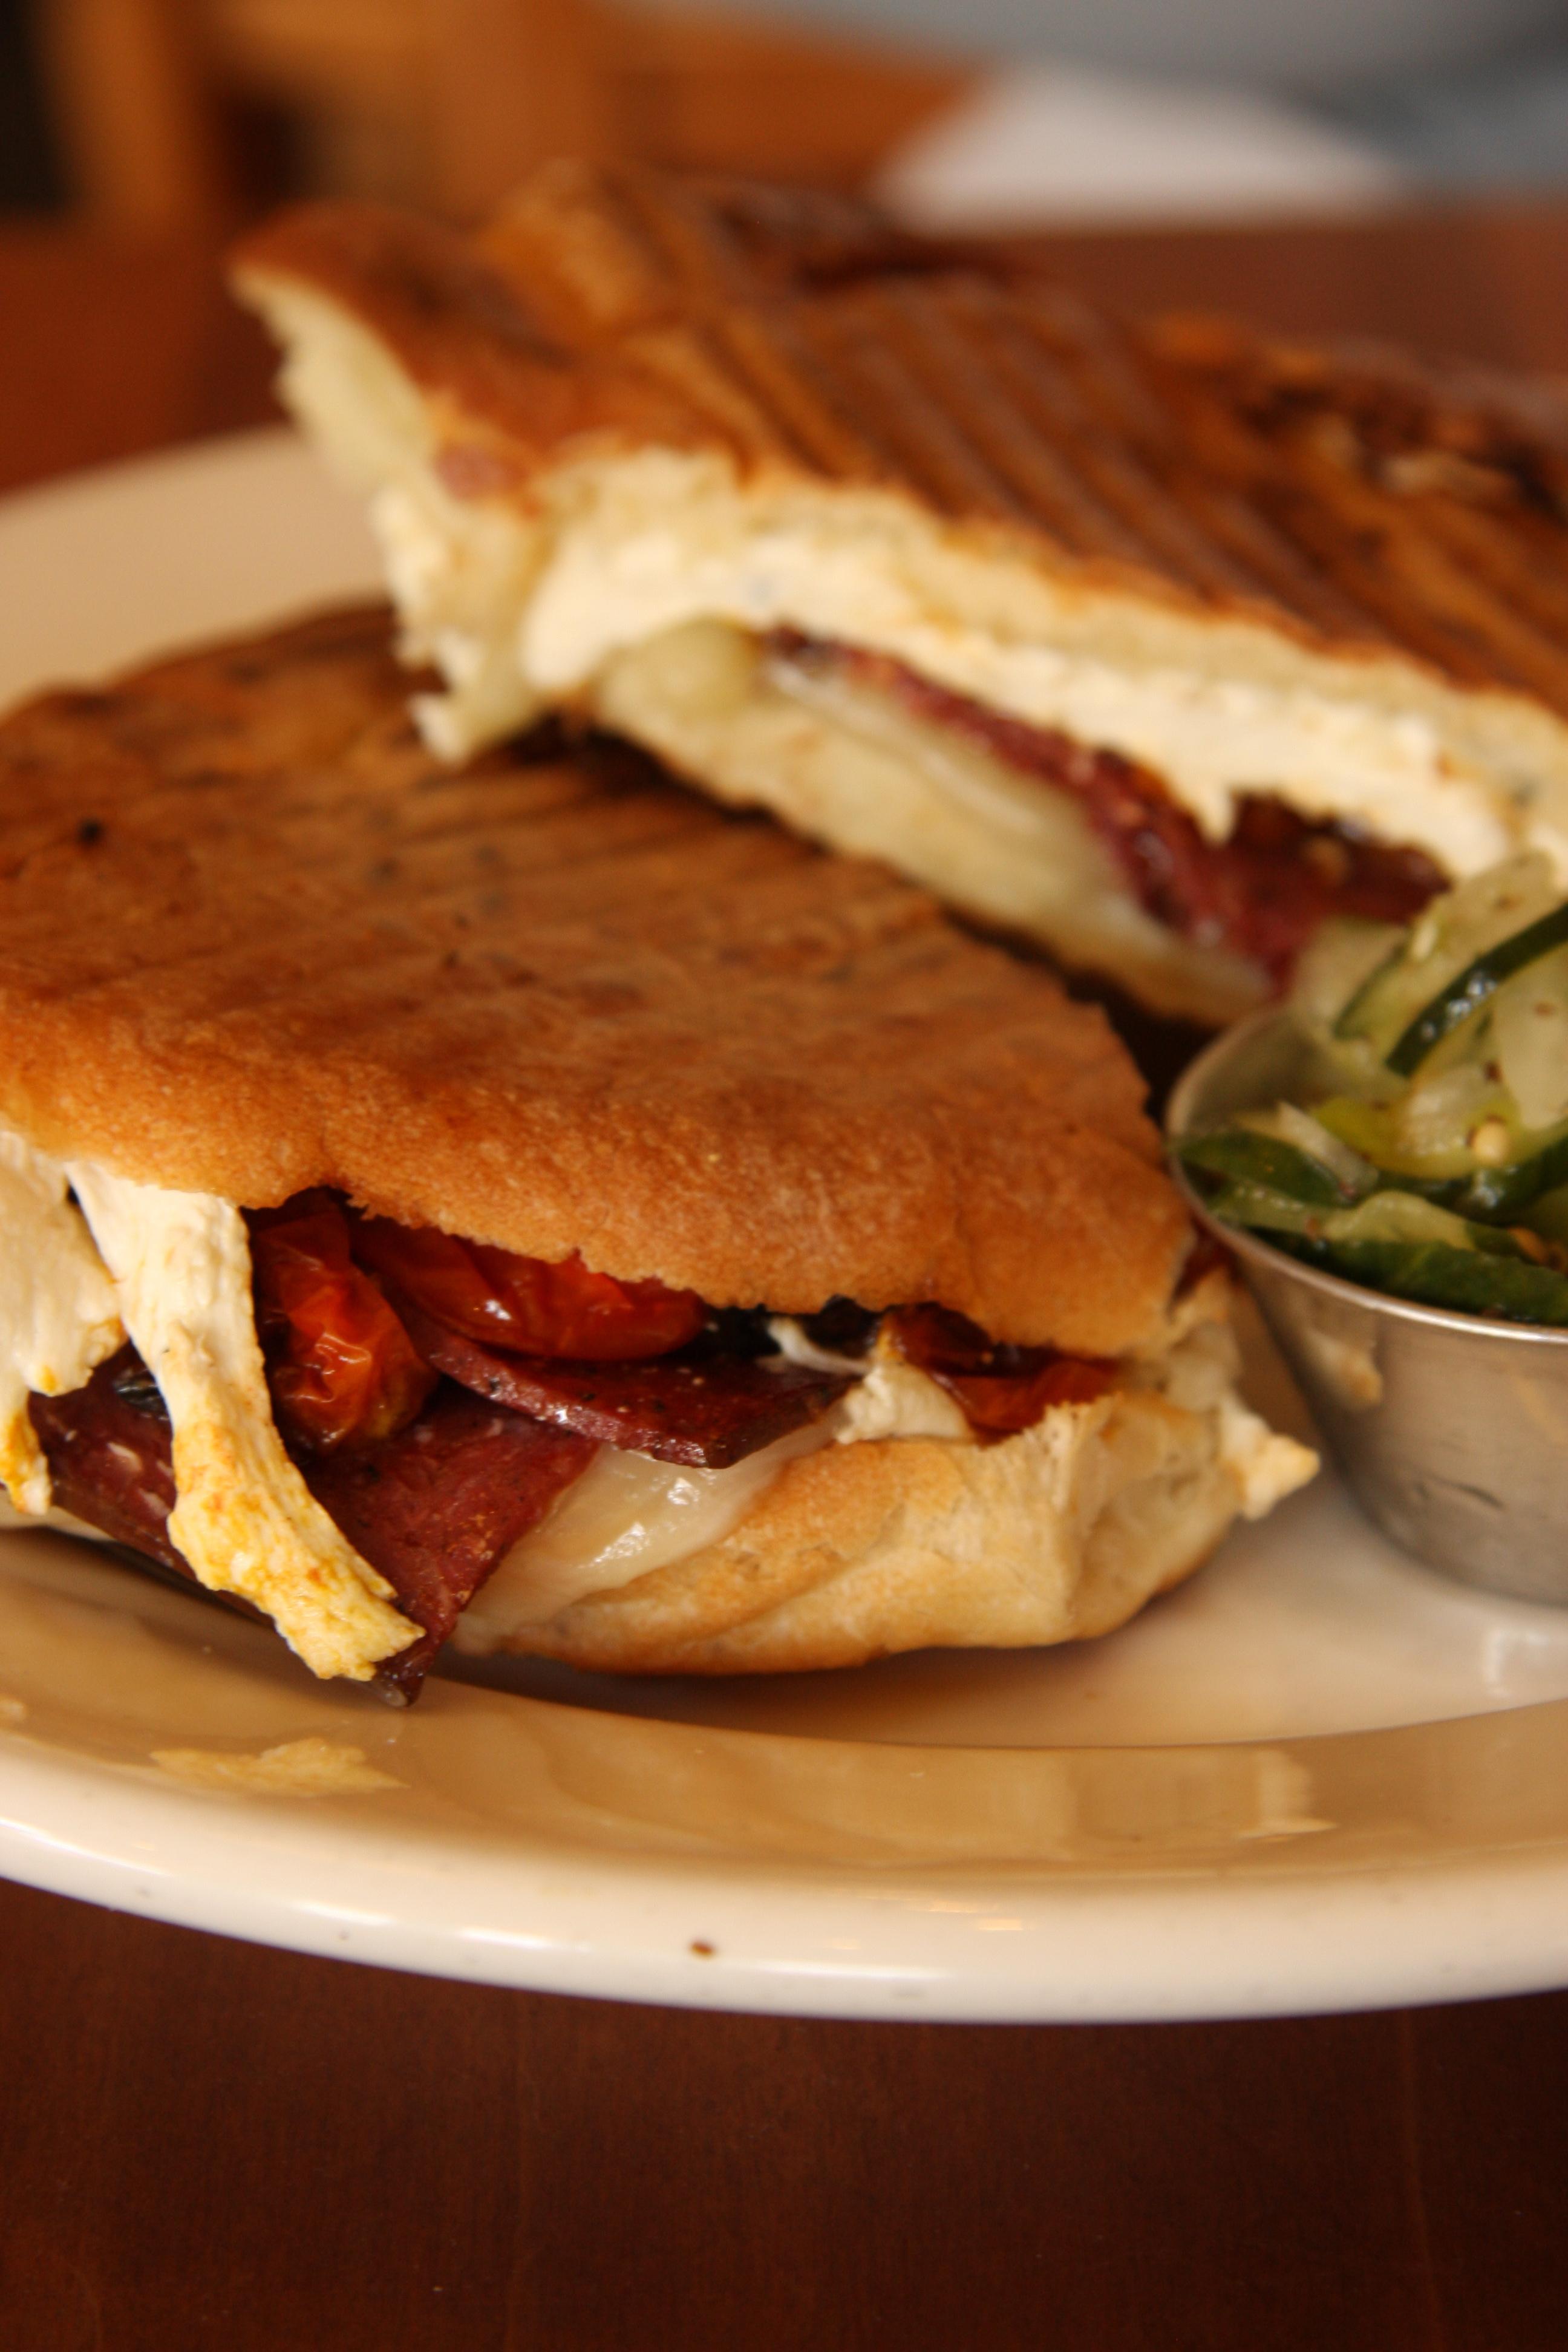 Little Armenia sandwich